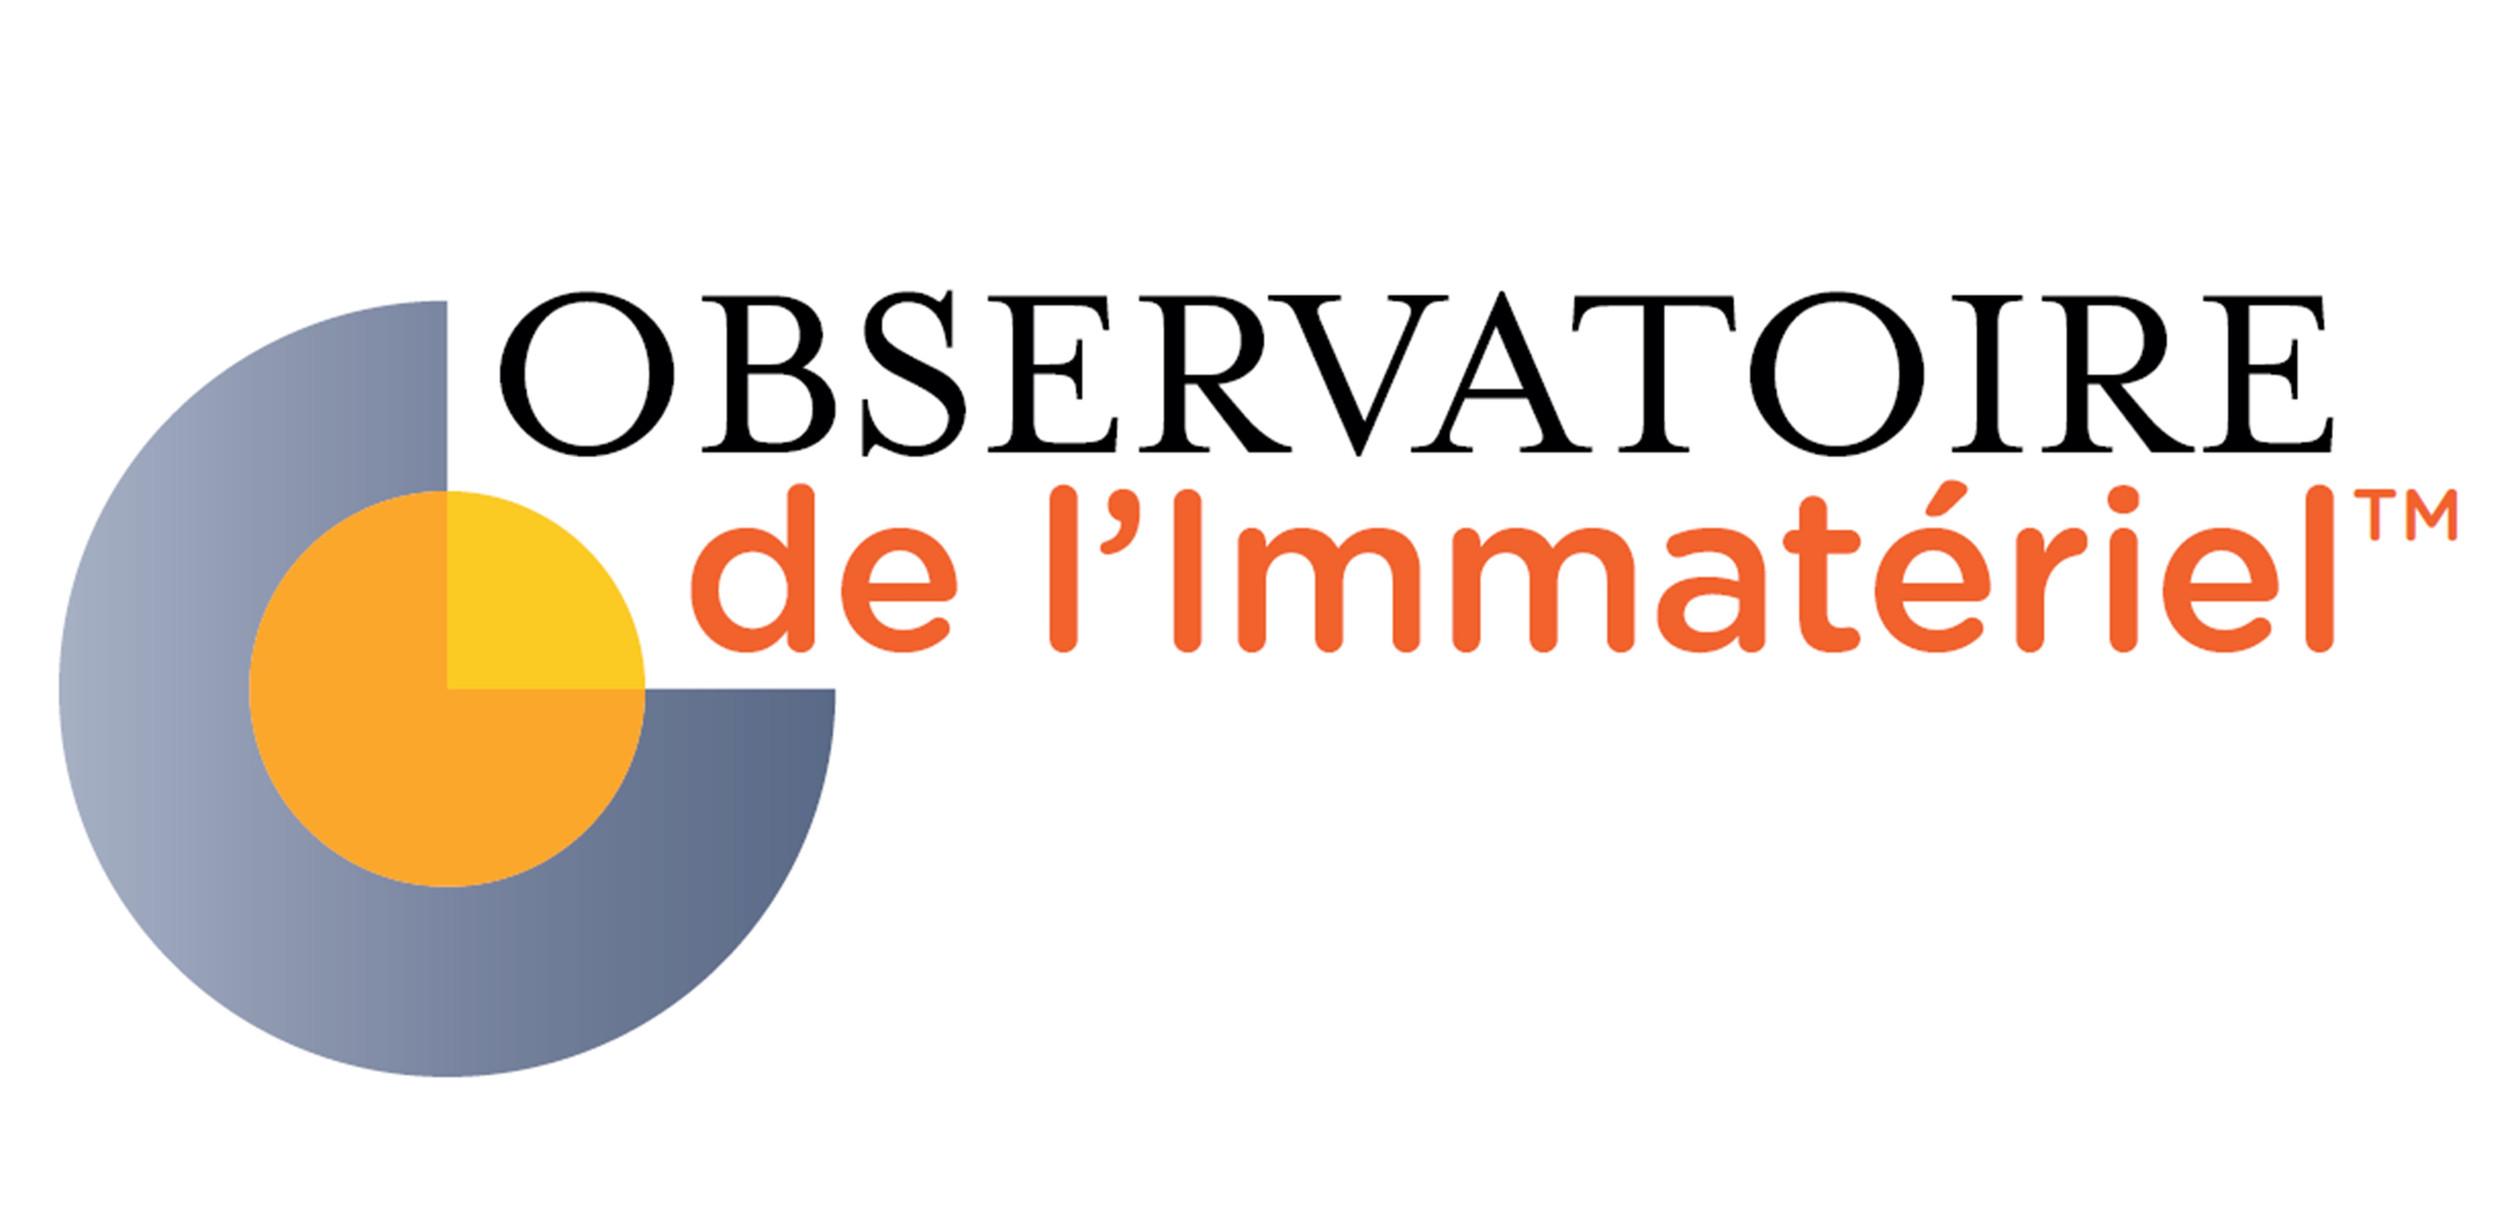 Observatoire de l'Immatériel | capital humain | capital intellectuel